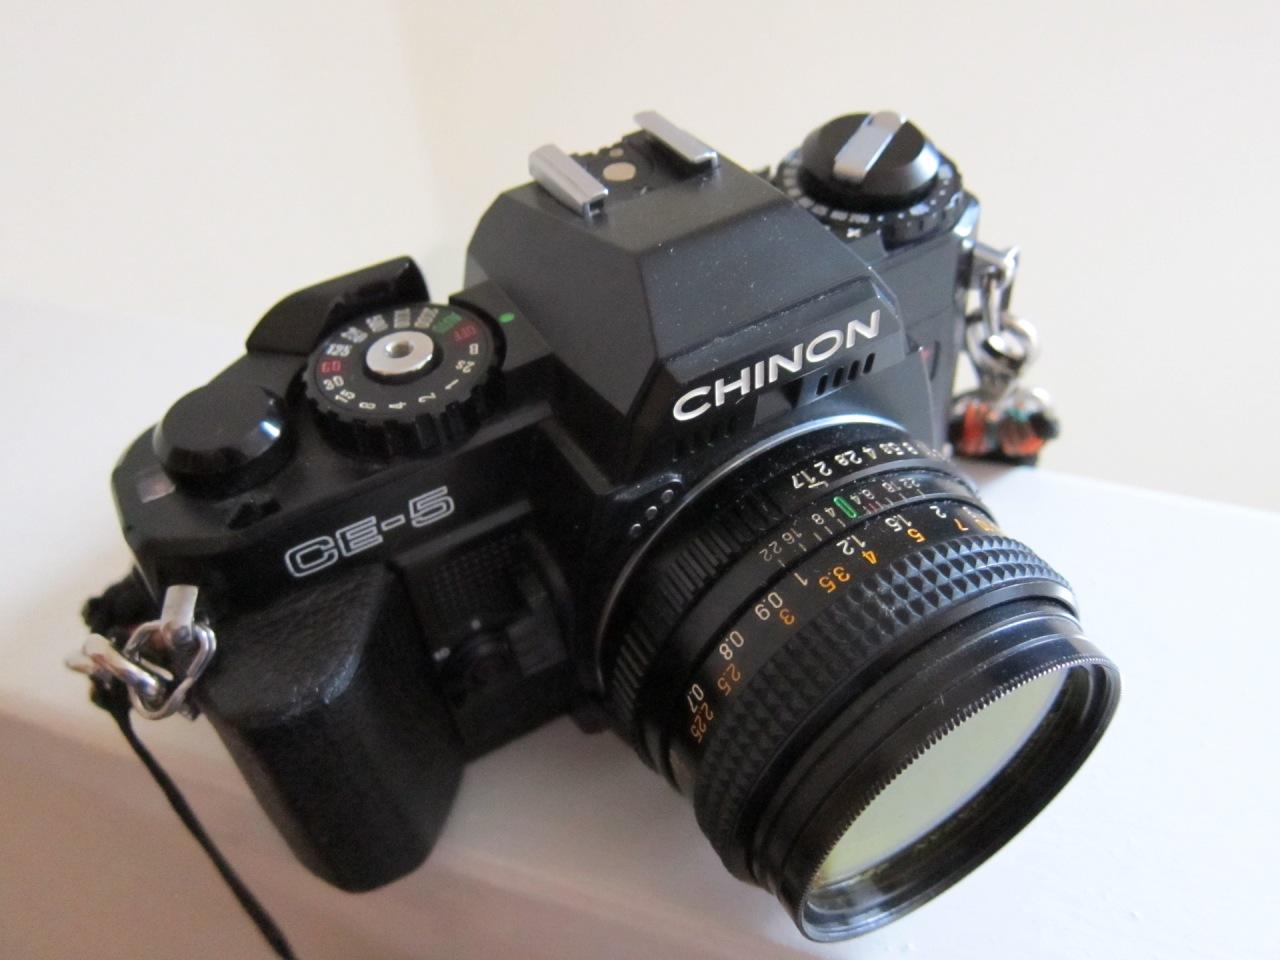 Chinon CE-5